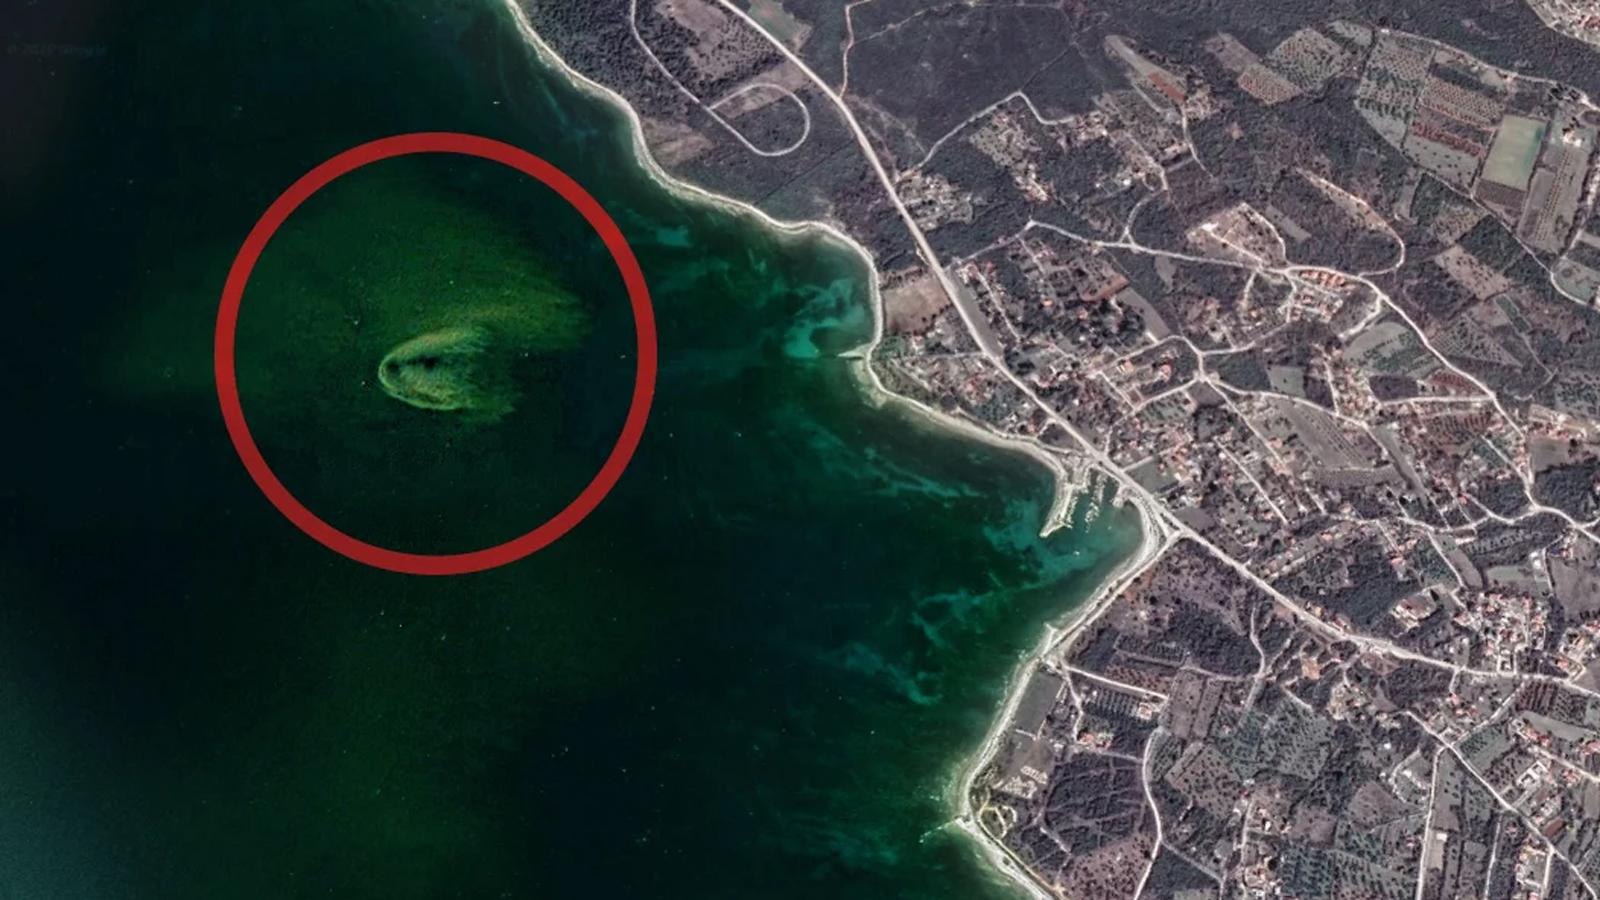 Ispust kanalizacije kod Vodnjana snimljen iz svemira